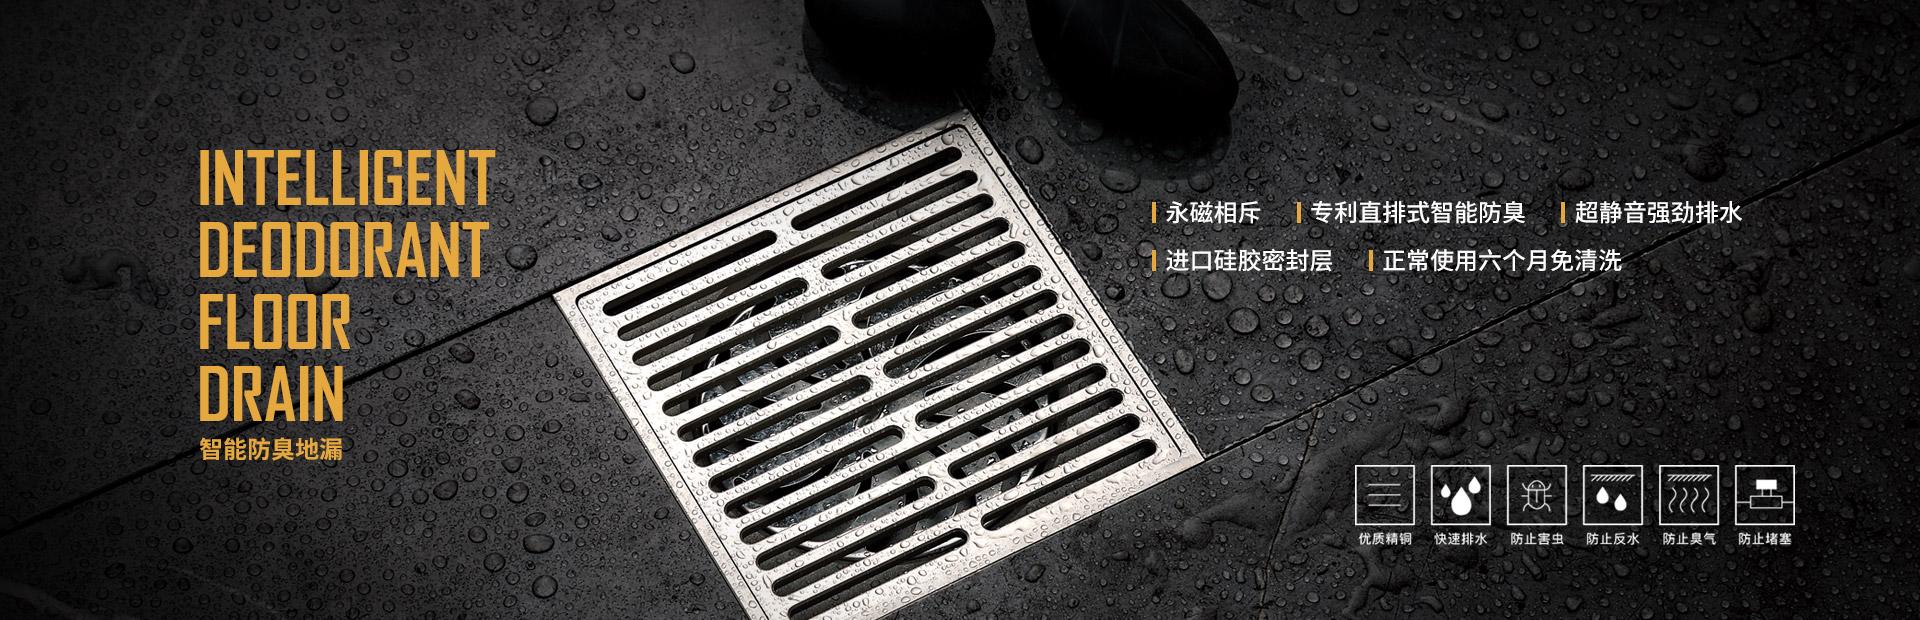 地漏品牌 · 地漏厂家 · 地漏批发